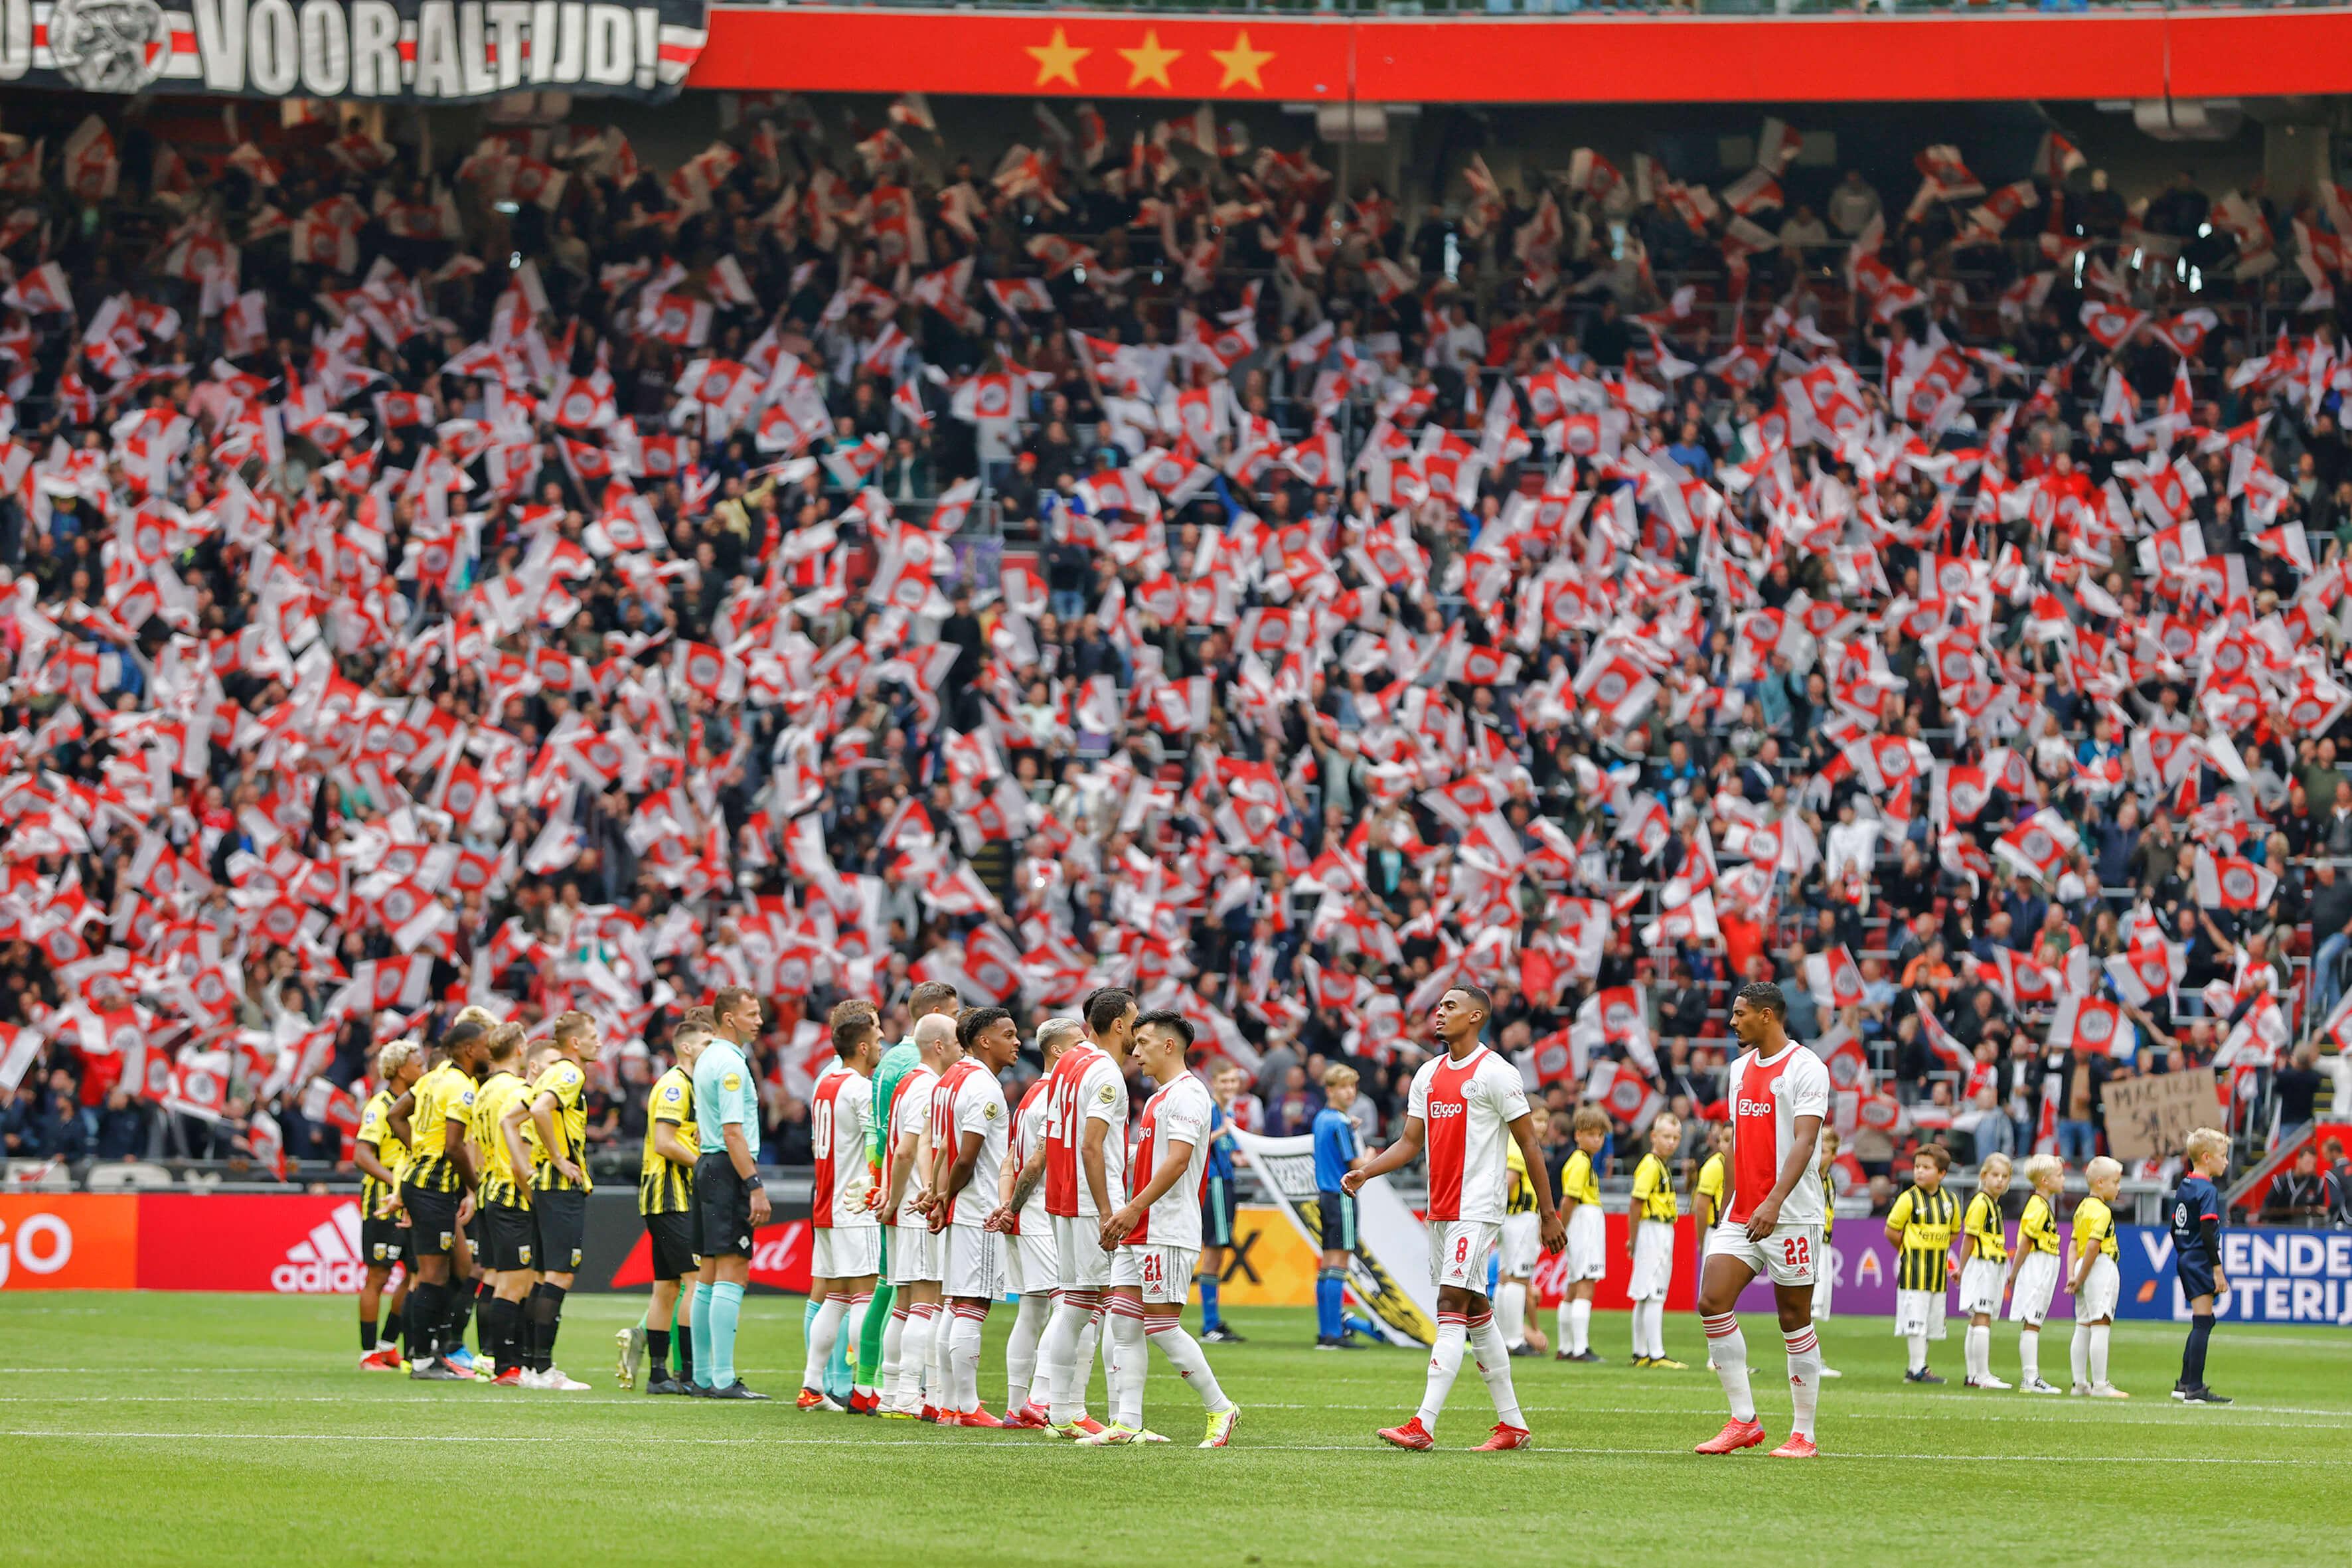 Bevestiging kabinet: volle stadions vanaf 25 september; image source: Pro Shots